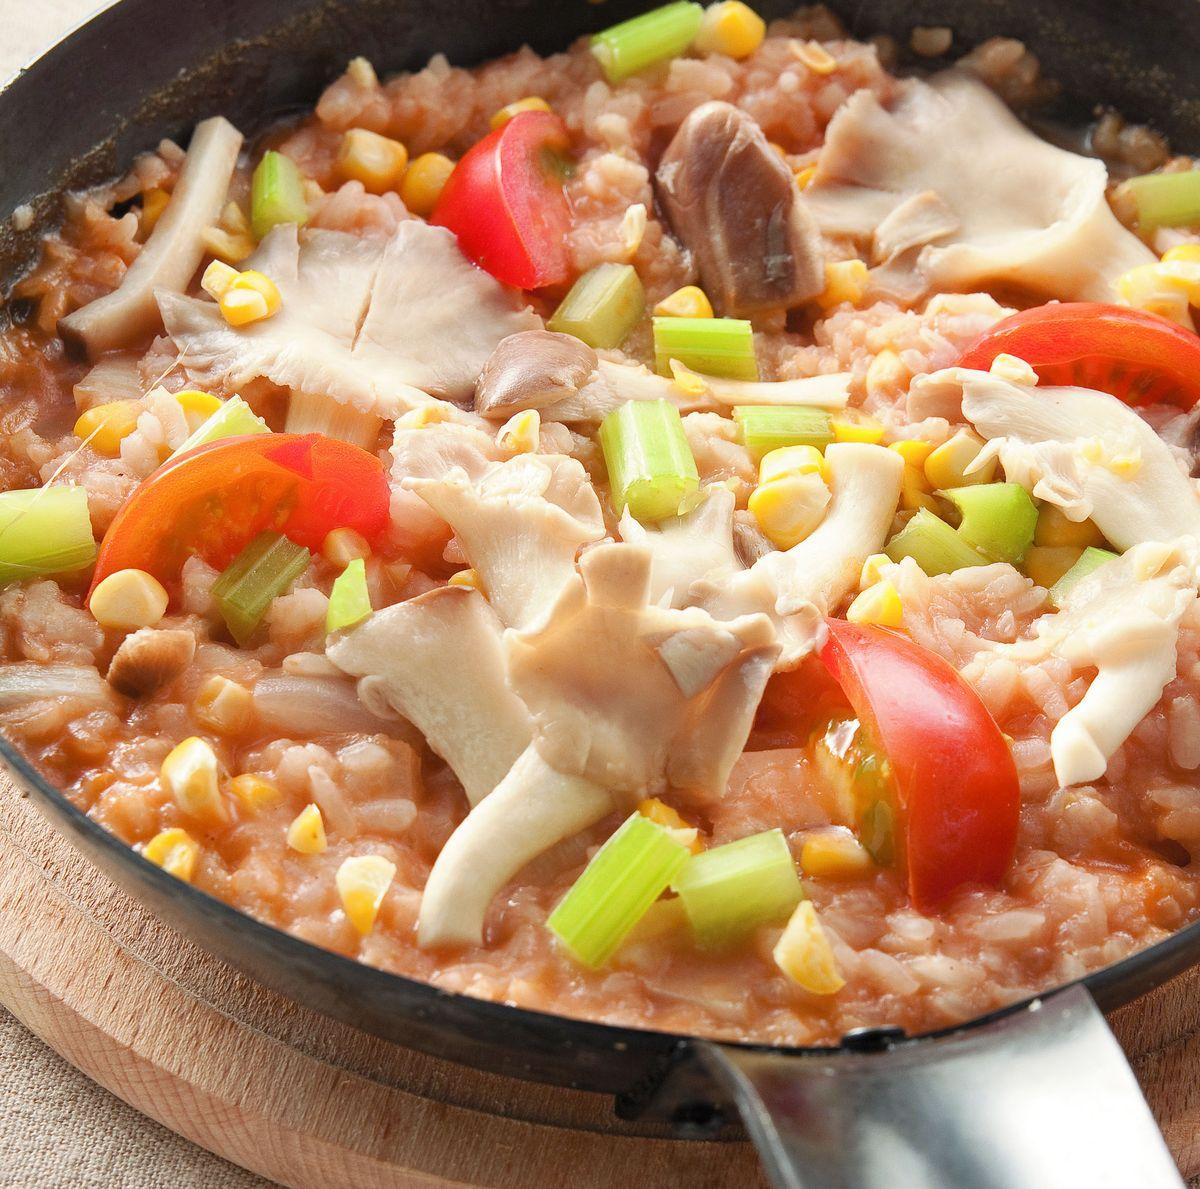 食譜:蕃茄野菇燉飯